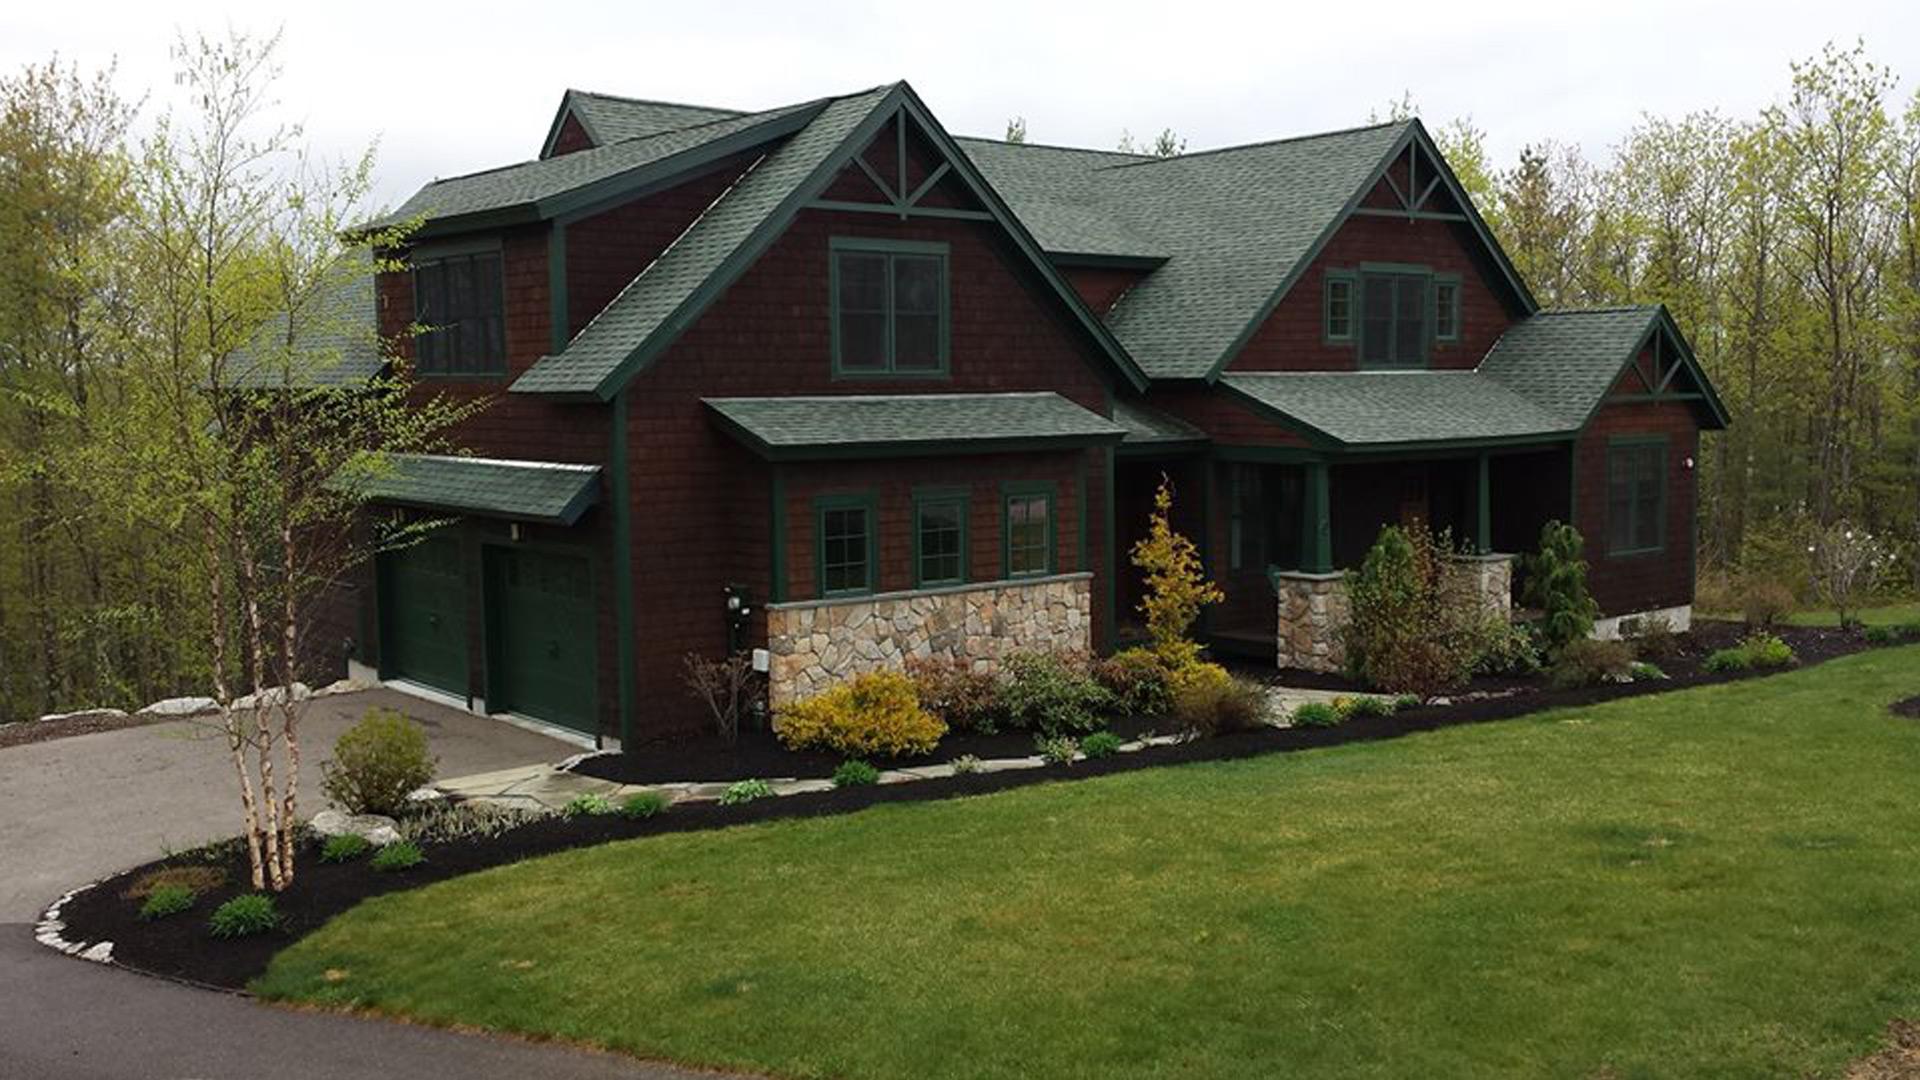 Kingsbury Landscape & Design LLC Landscaping Company, Lawn Service and Landscape Design slide 1